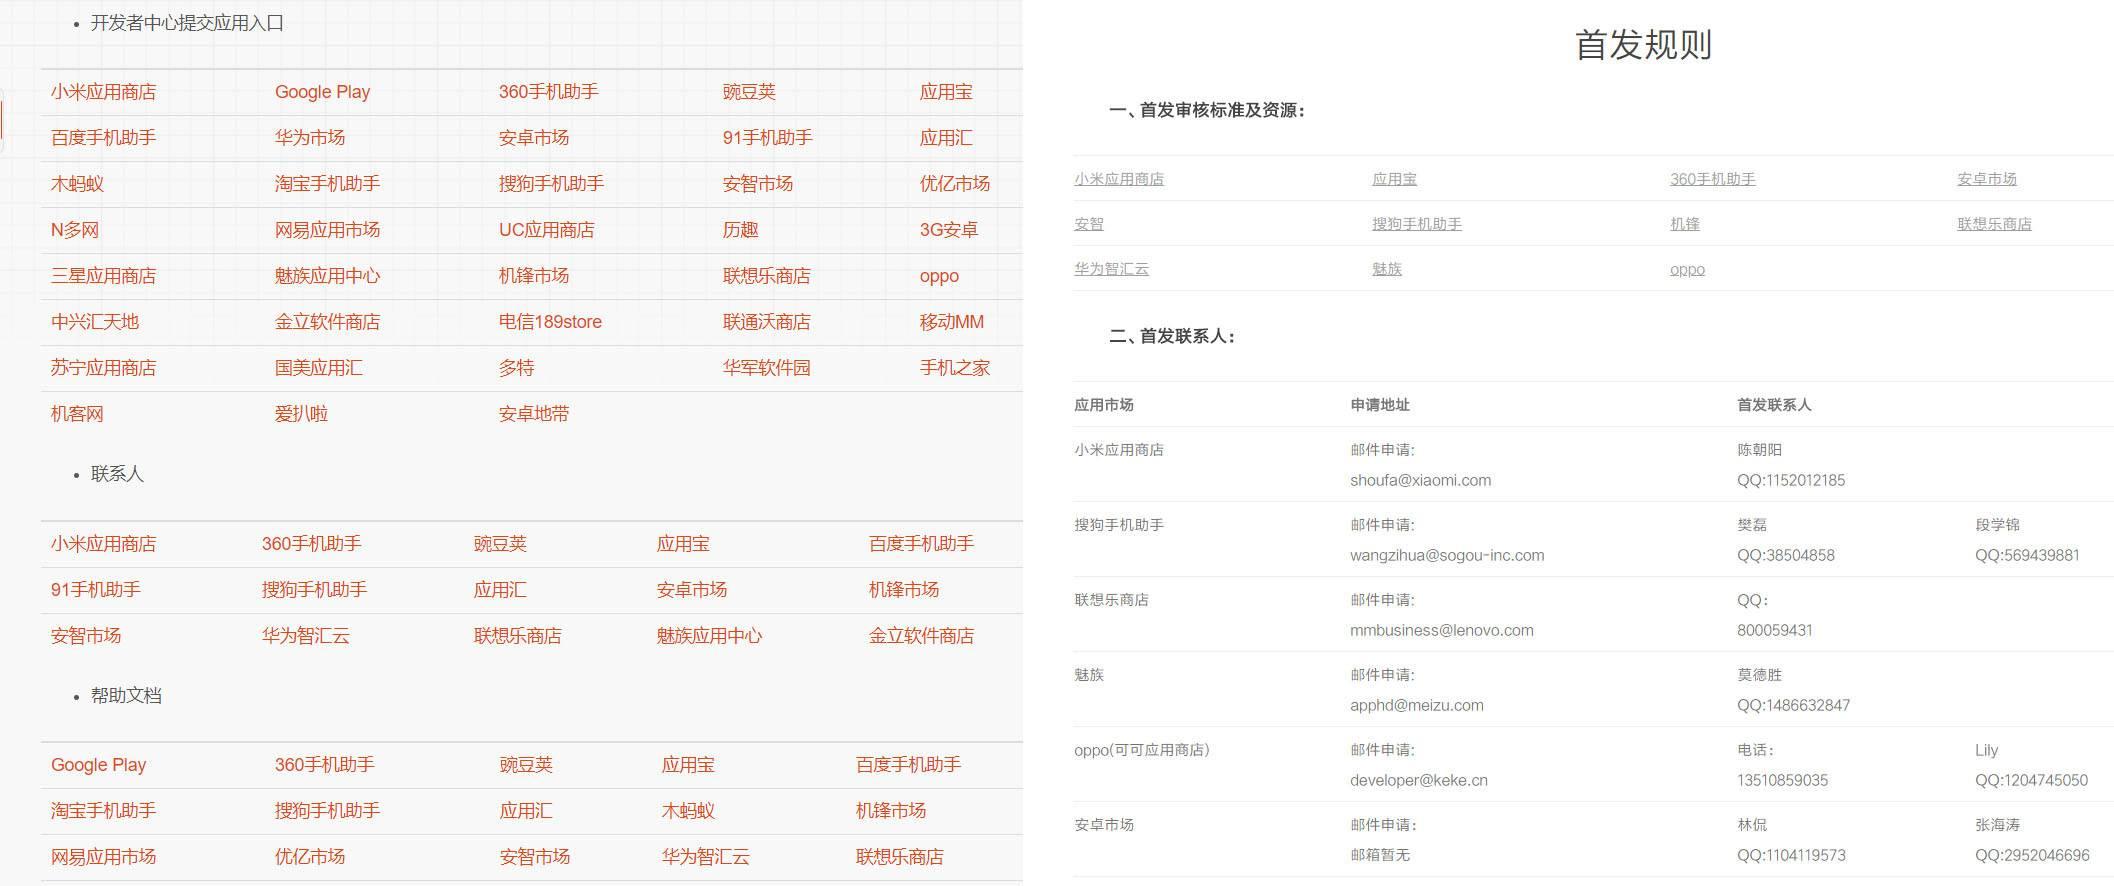 鸟哥笔记,ASO,大城小事,APP推广